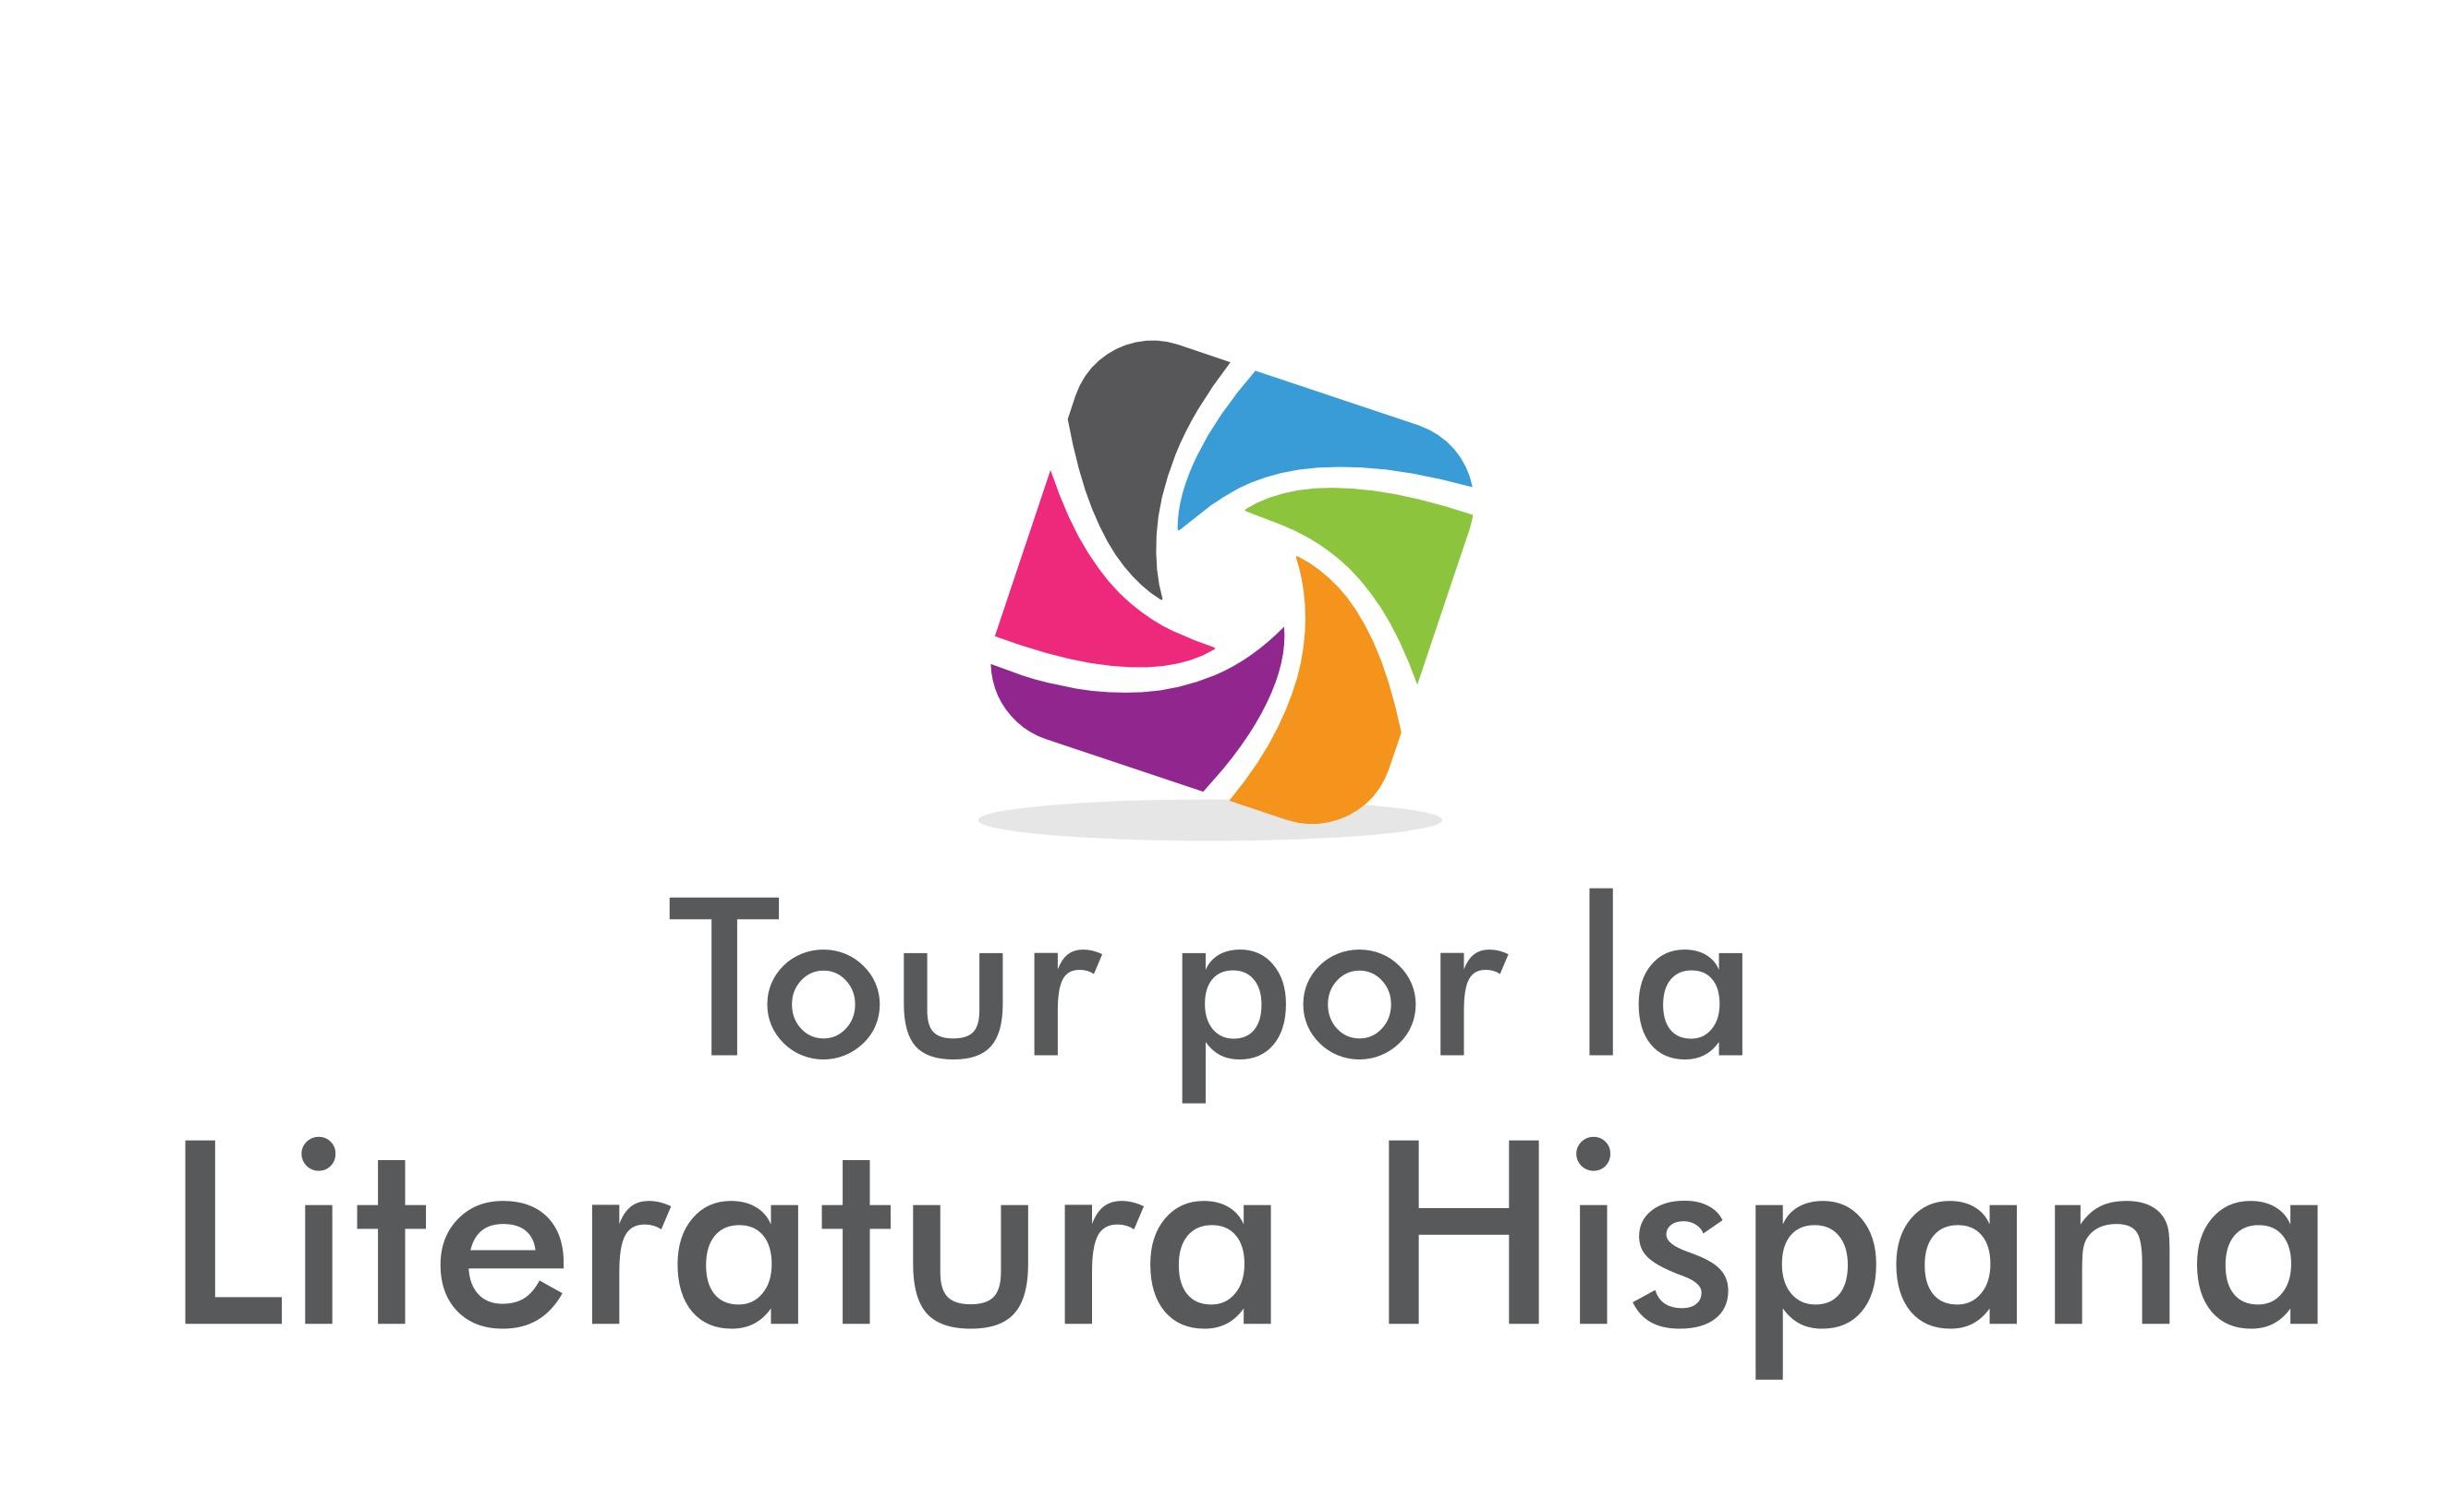 Tour por la Literatura Hispana